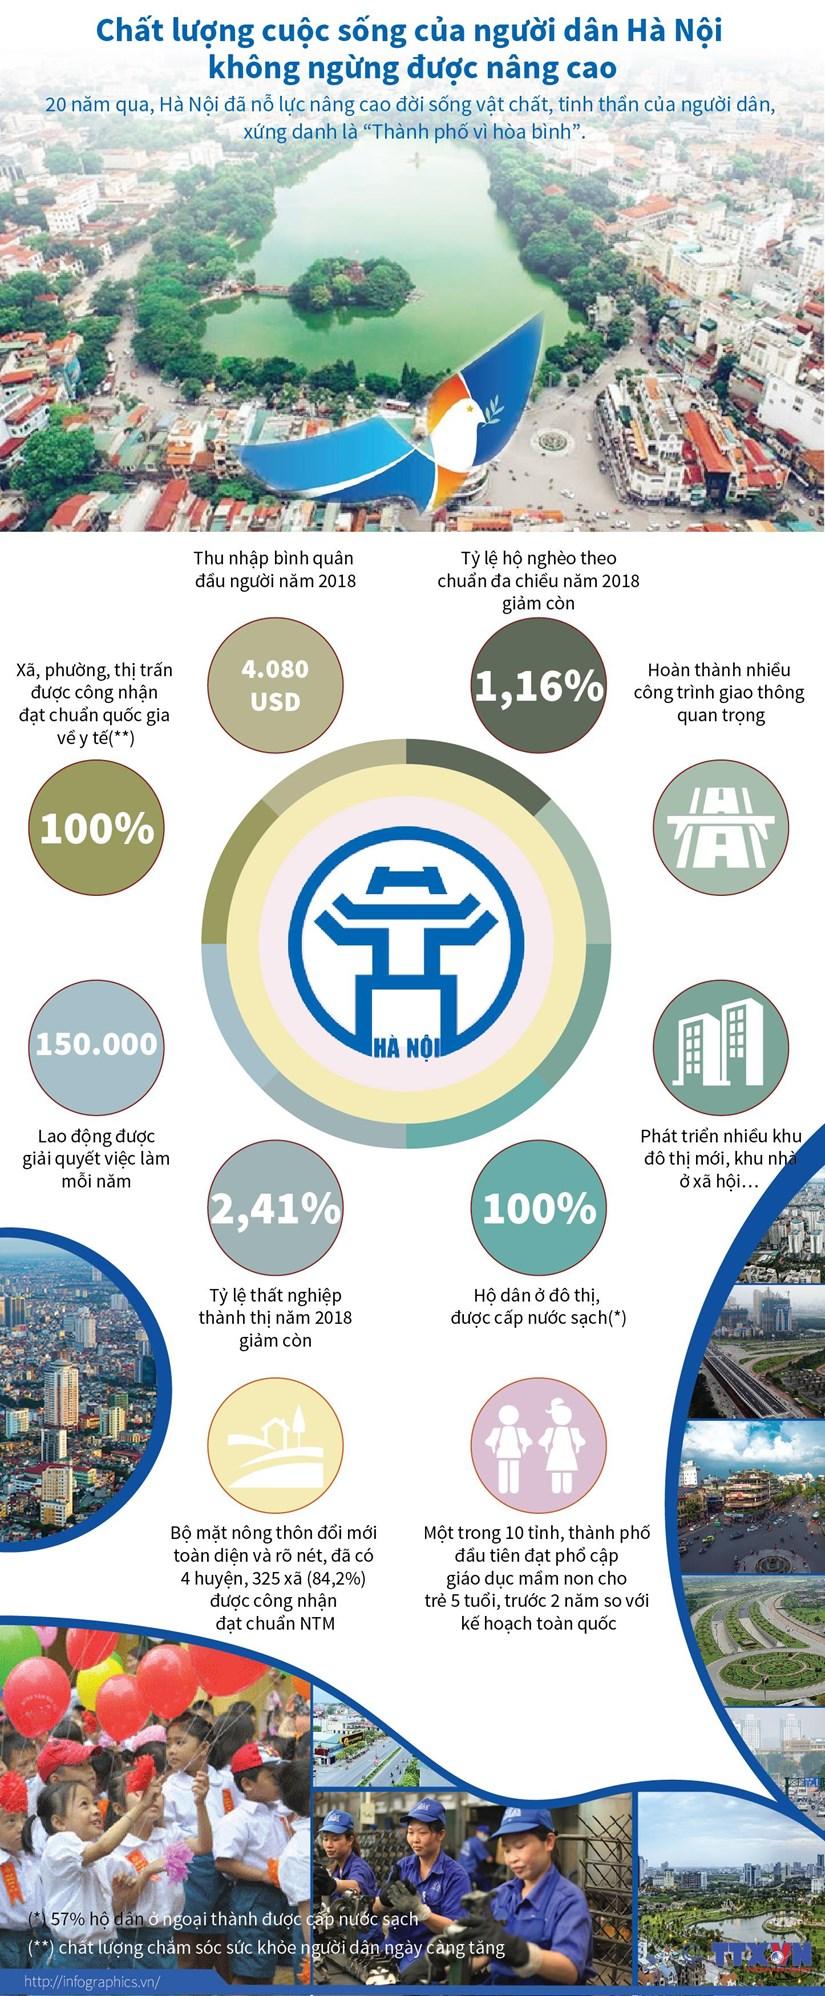 [Infographics] Chat luong cuoc song cua nguoi dan Ha Noi duoc nang cao hinh anh 1